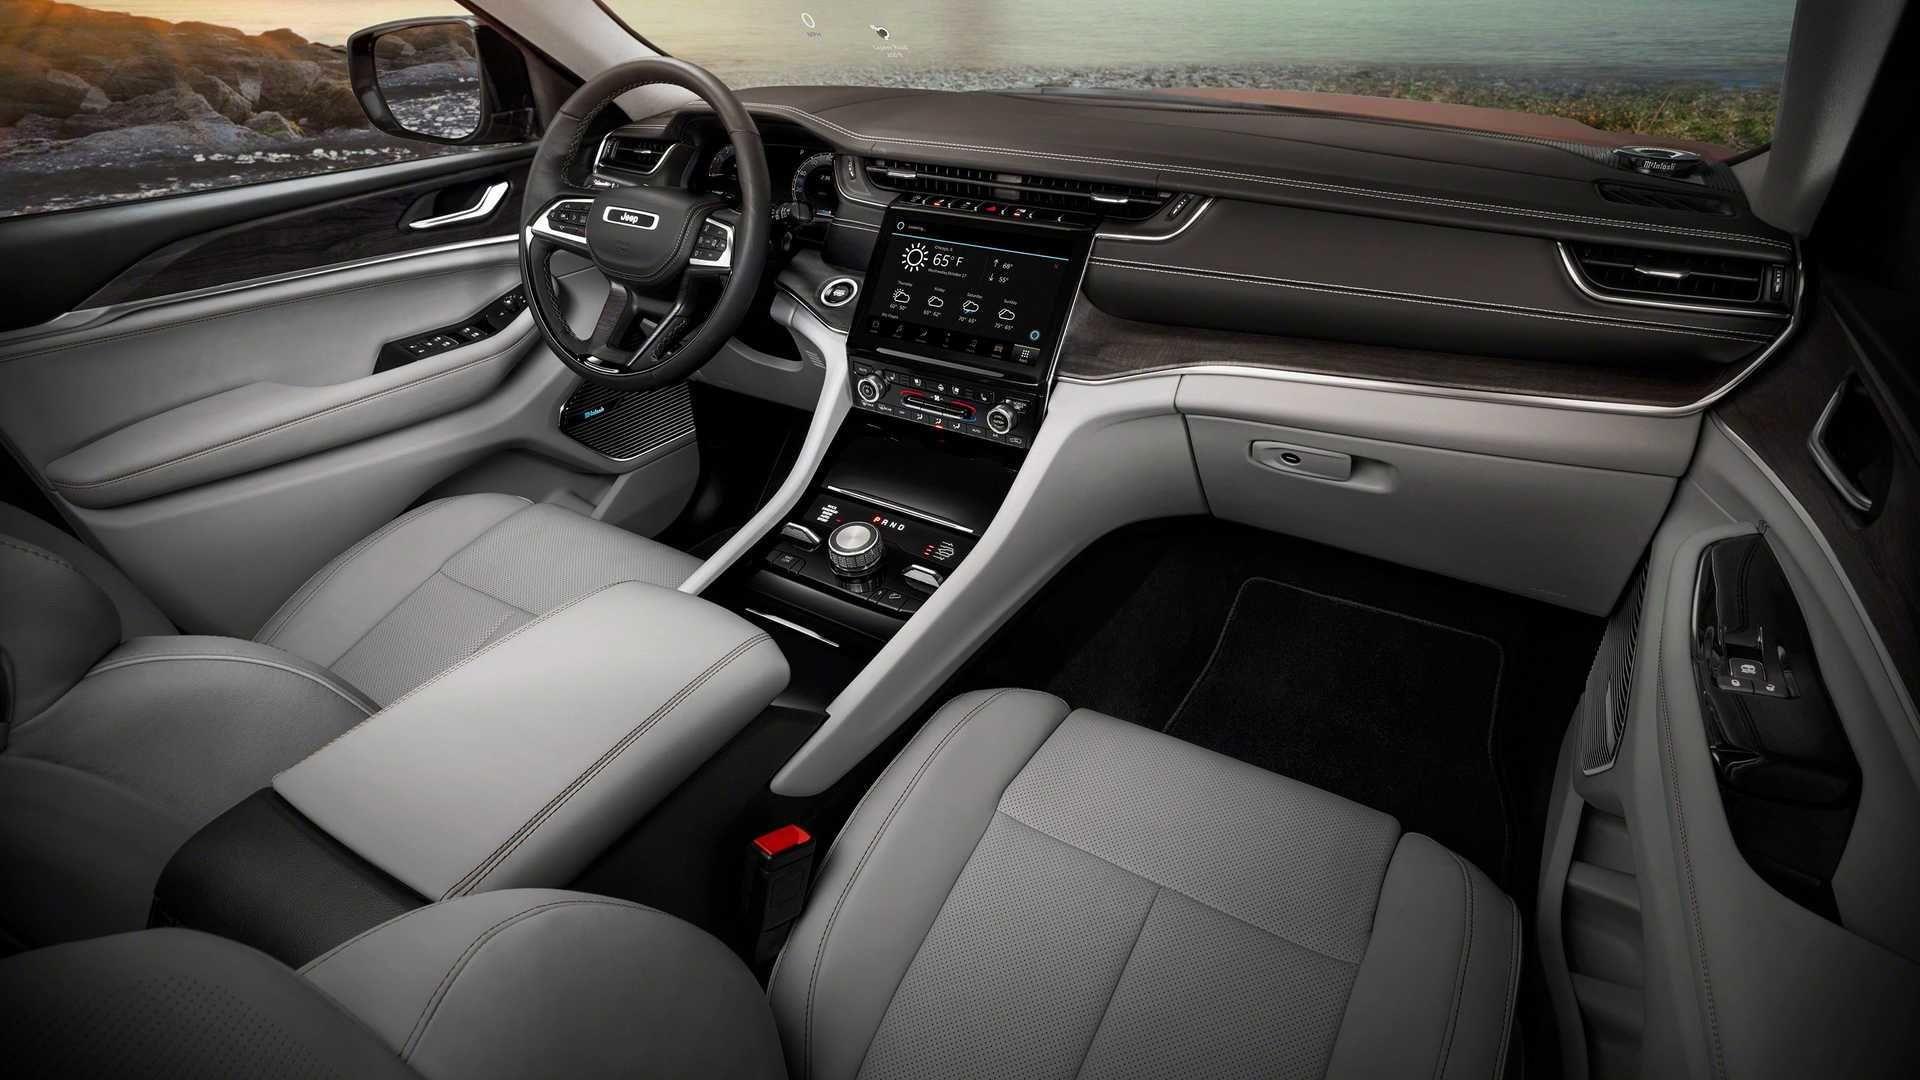 جیپ Grand Cherokee L Trackhawk به طور غیررسمی به عنوان سوپر SUV 3 ردیف ارائه می شود